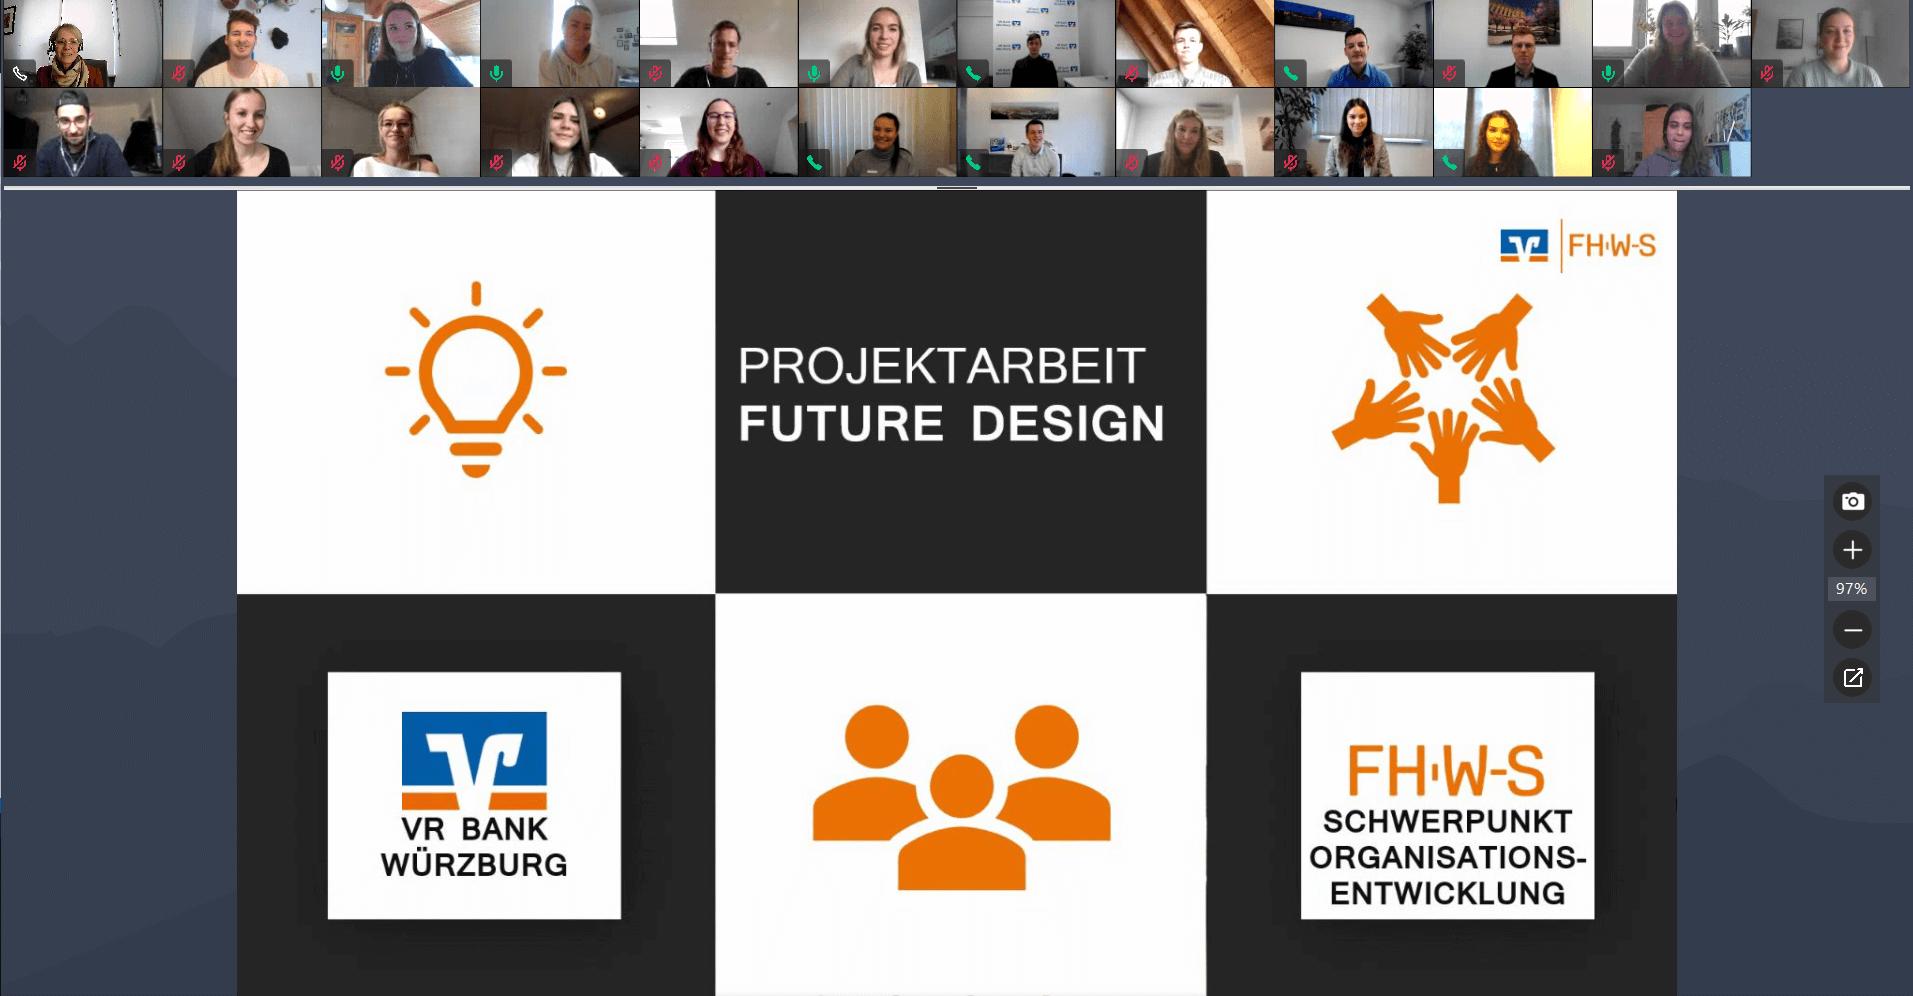 Projektarbeit Future Design